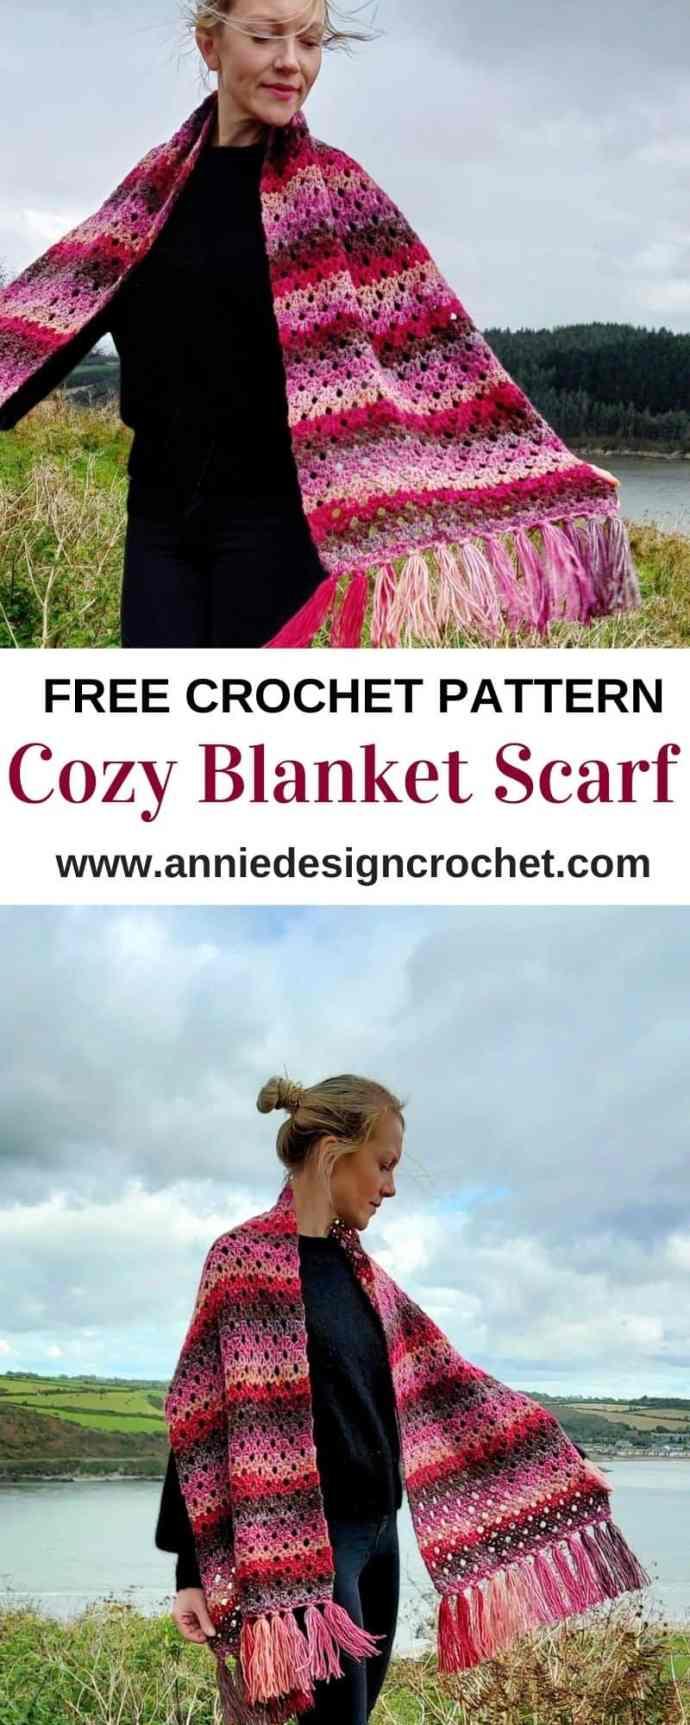 cozy crochet blanket scarf free pattern